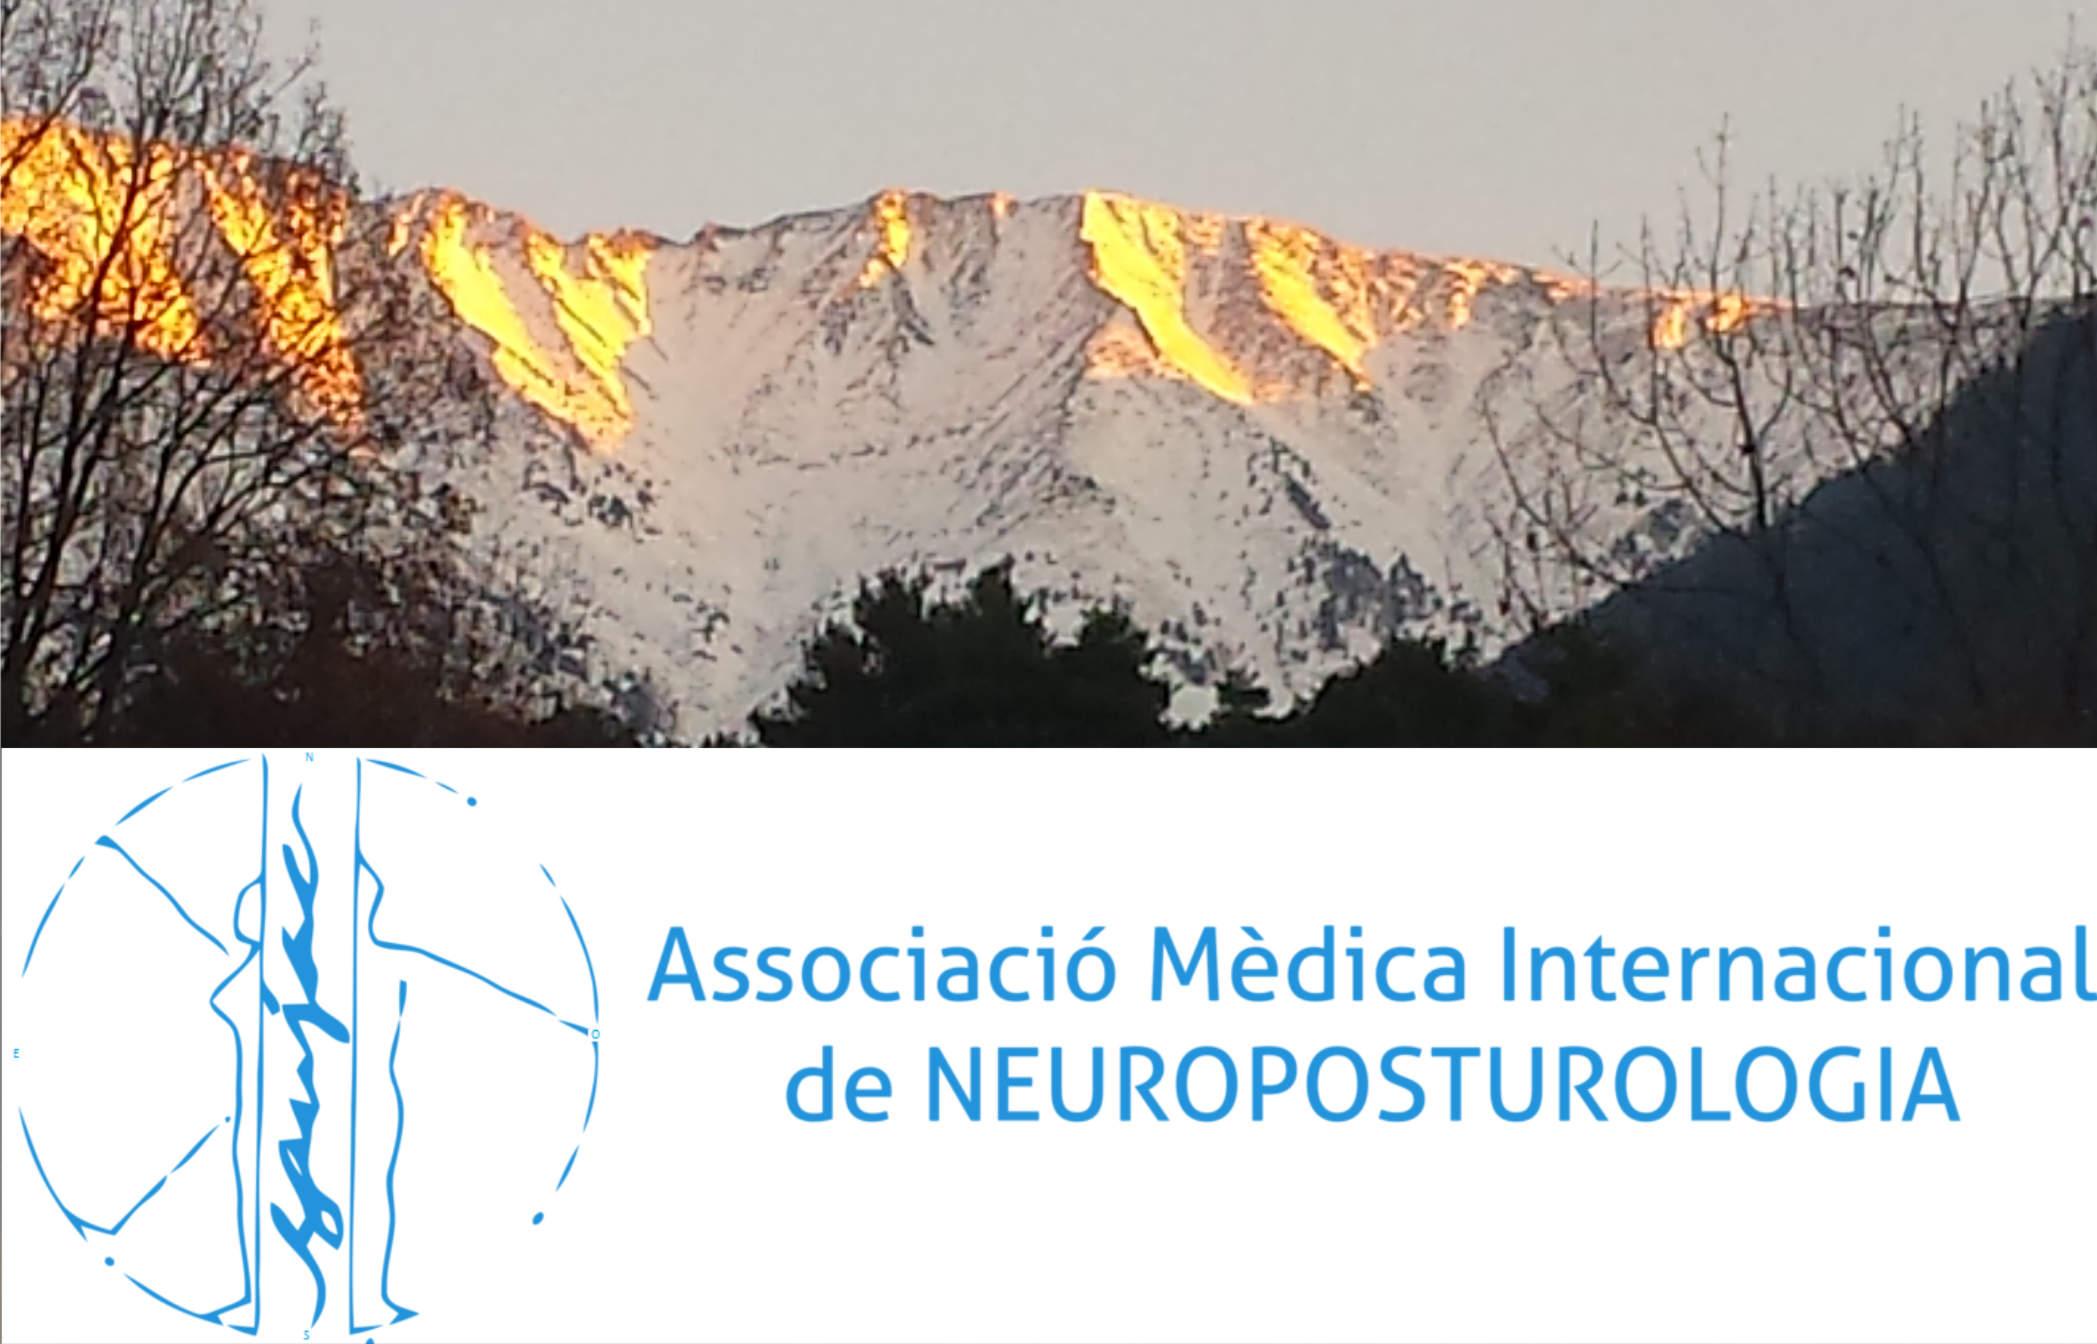 Associacio Medica Internacional de Neuroposturologia